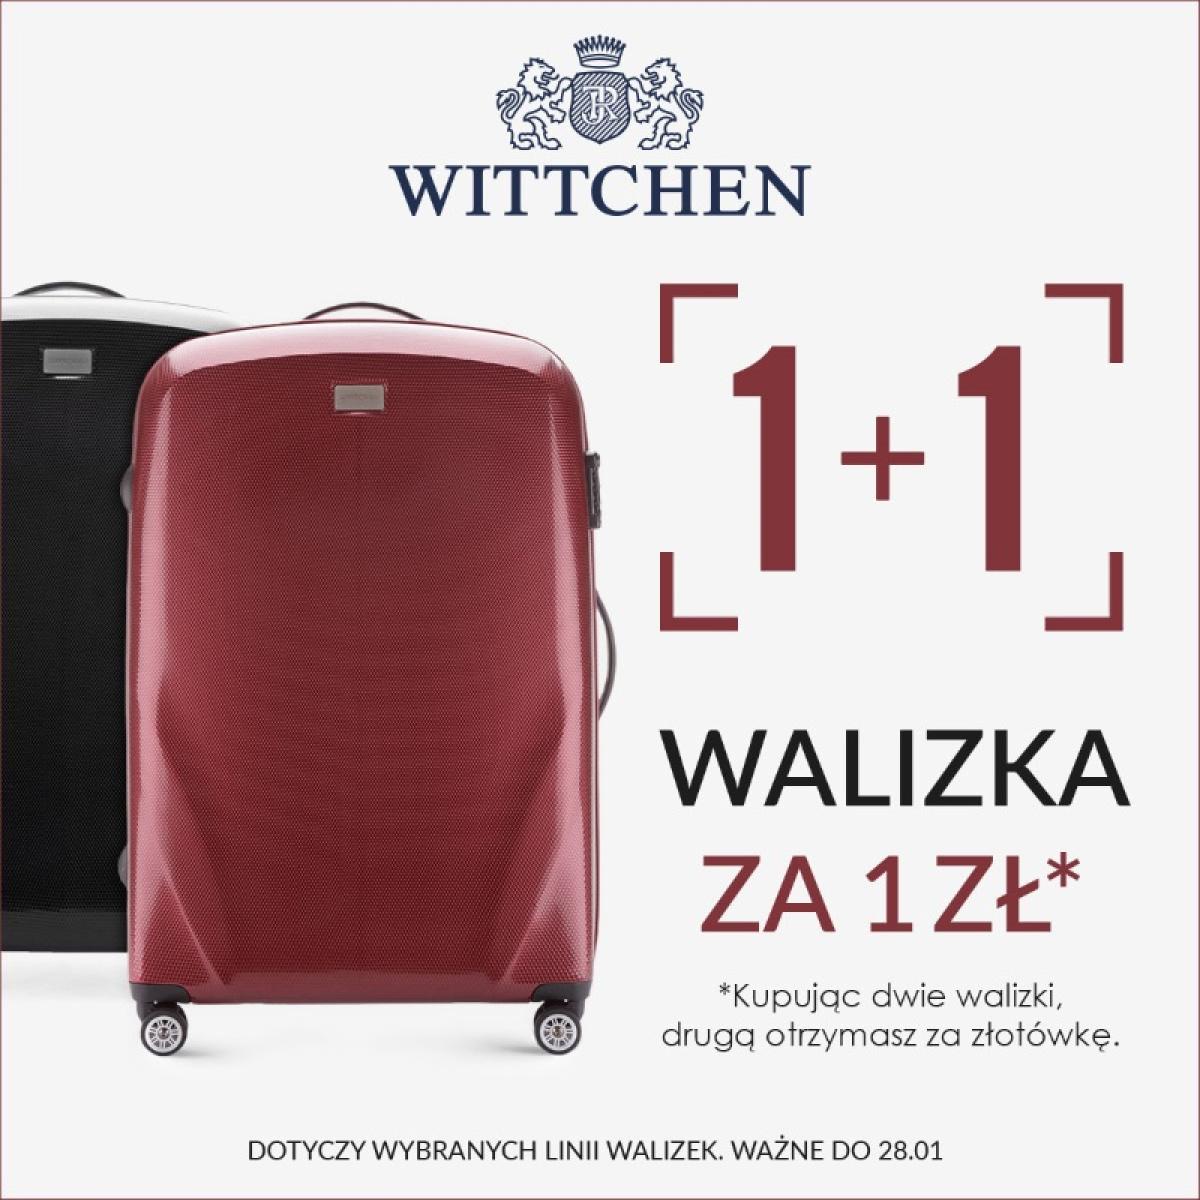 a4d55db8369c1 Walizka za 1 zł w Wittchen